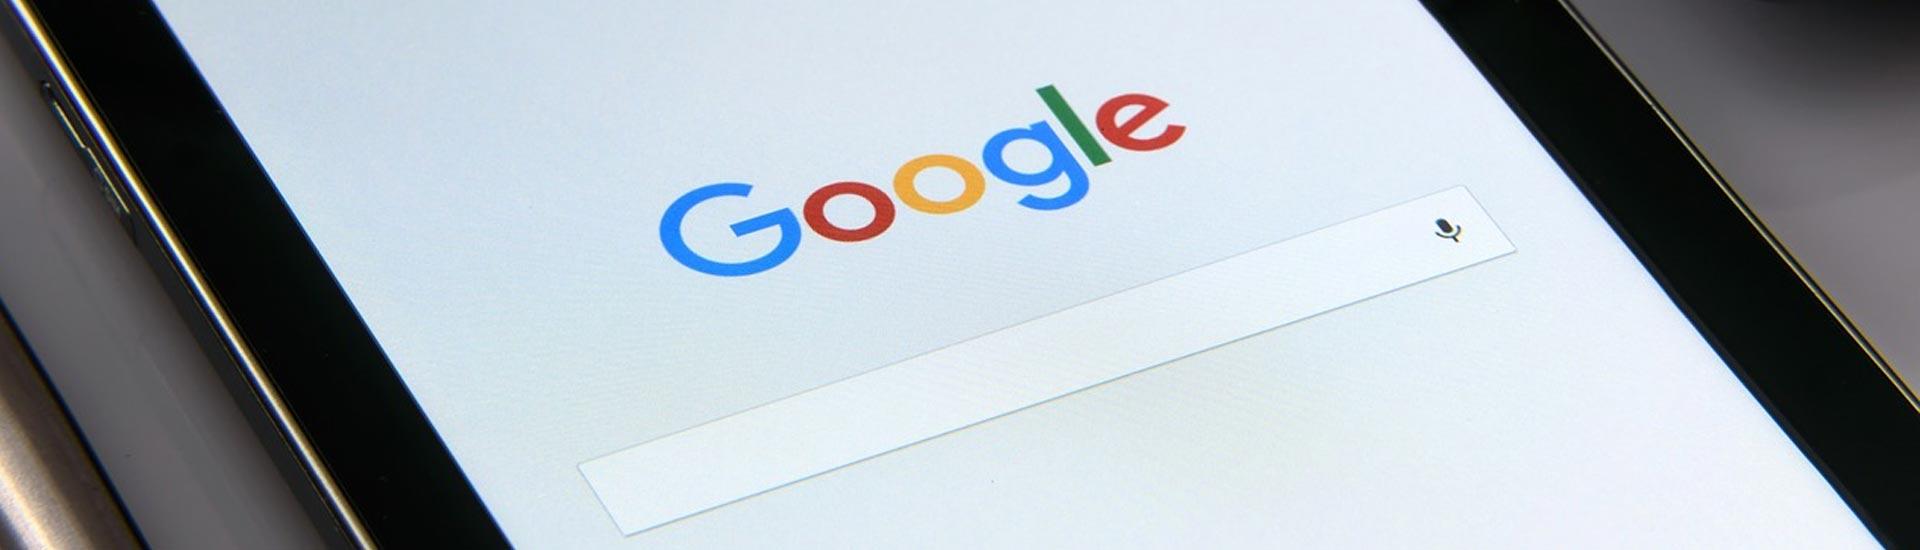 agenzia di google ads